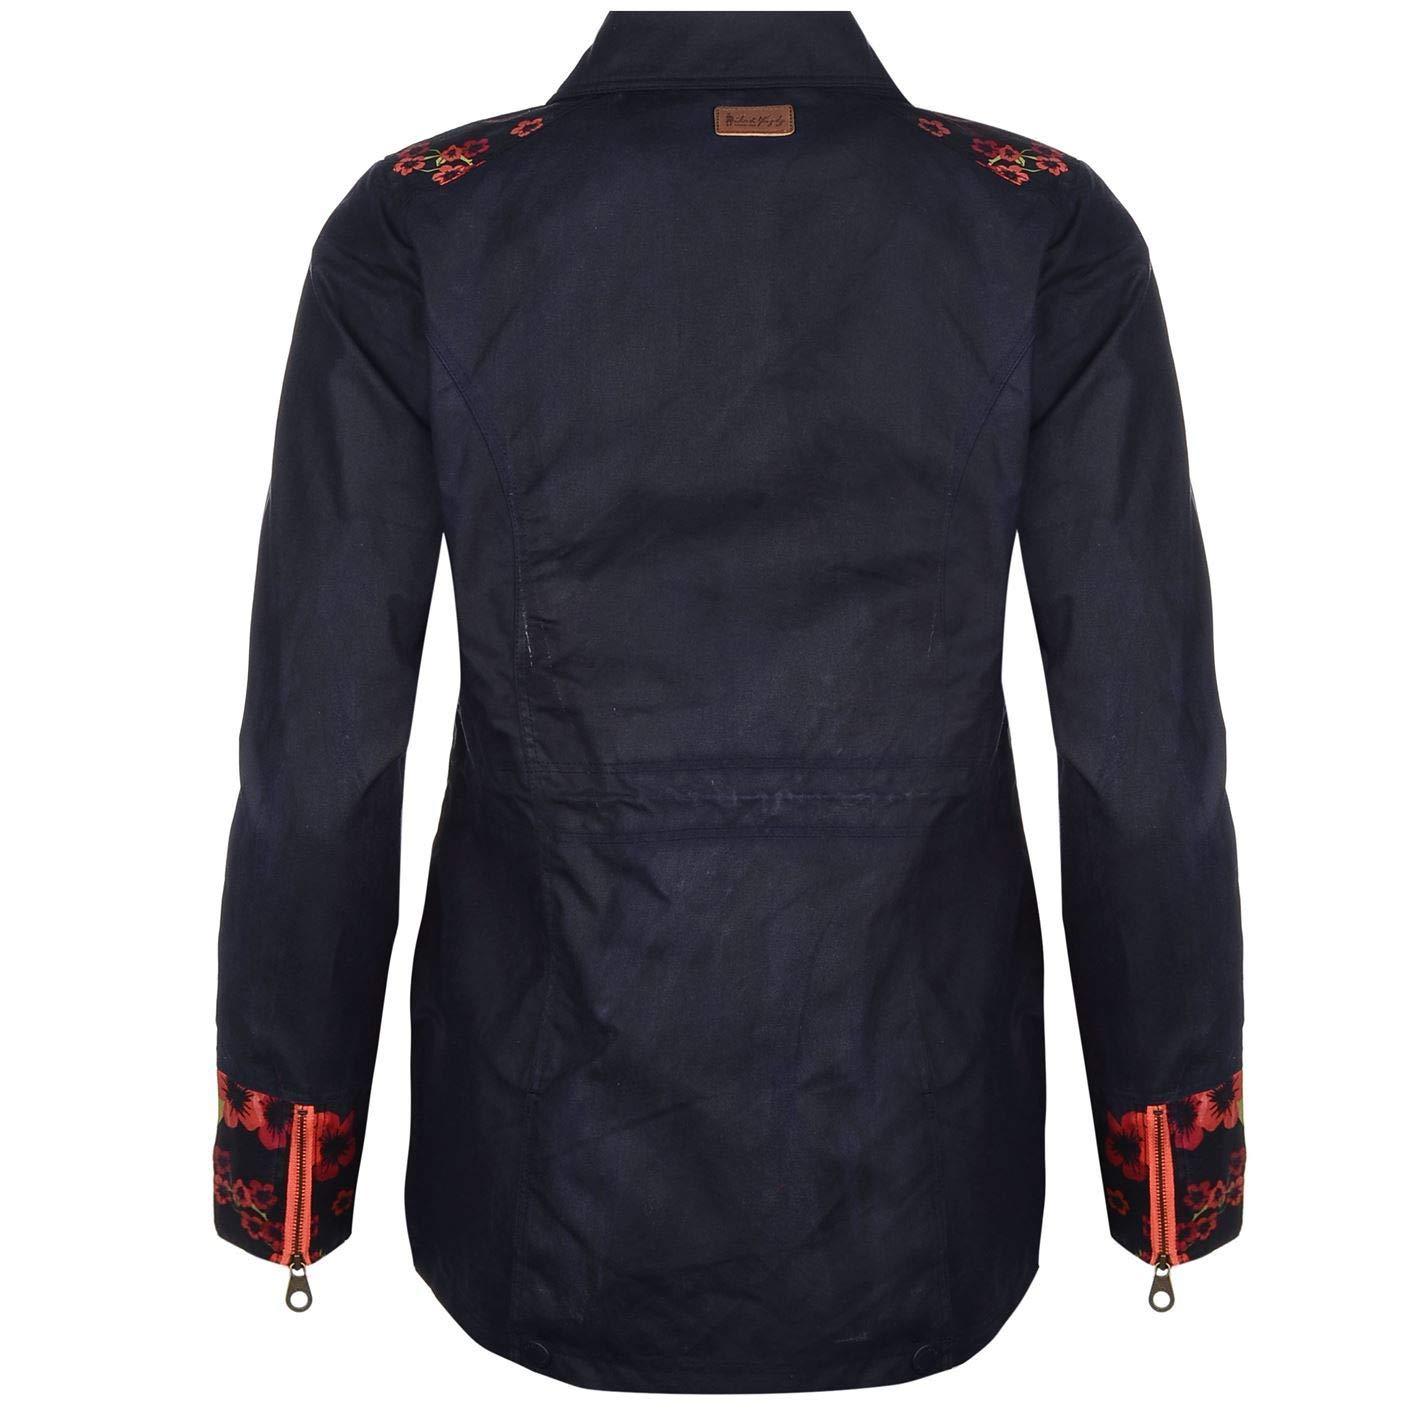 Damen-Reitjacken Jack Murphy Alex Wax Jacket Womens Blue Equestrian Horse Riding Coat Outerwear Damen-Reitbekleidung